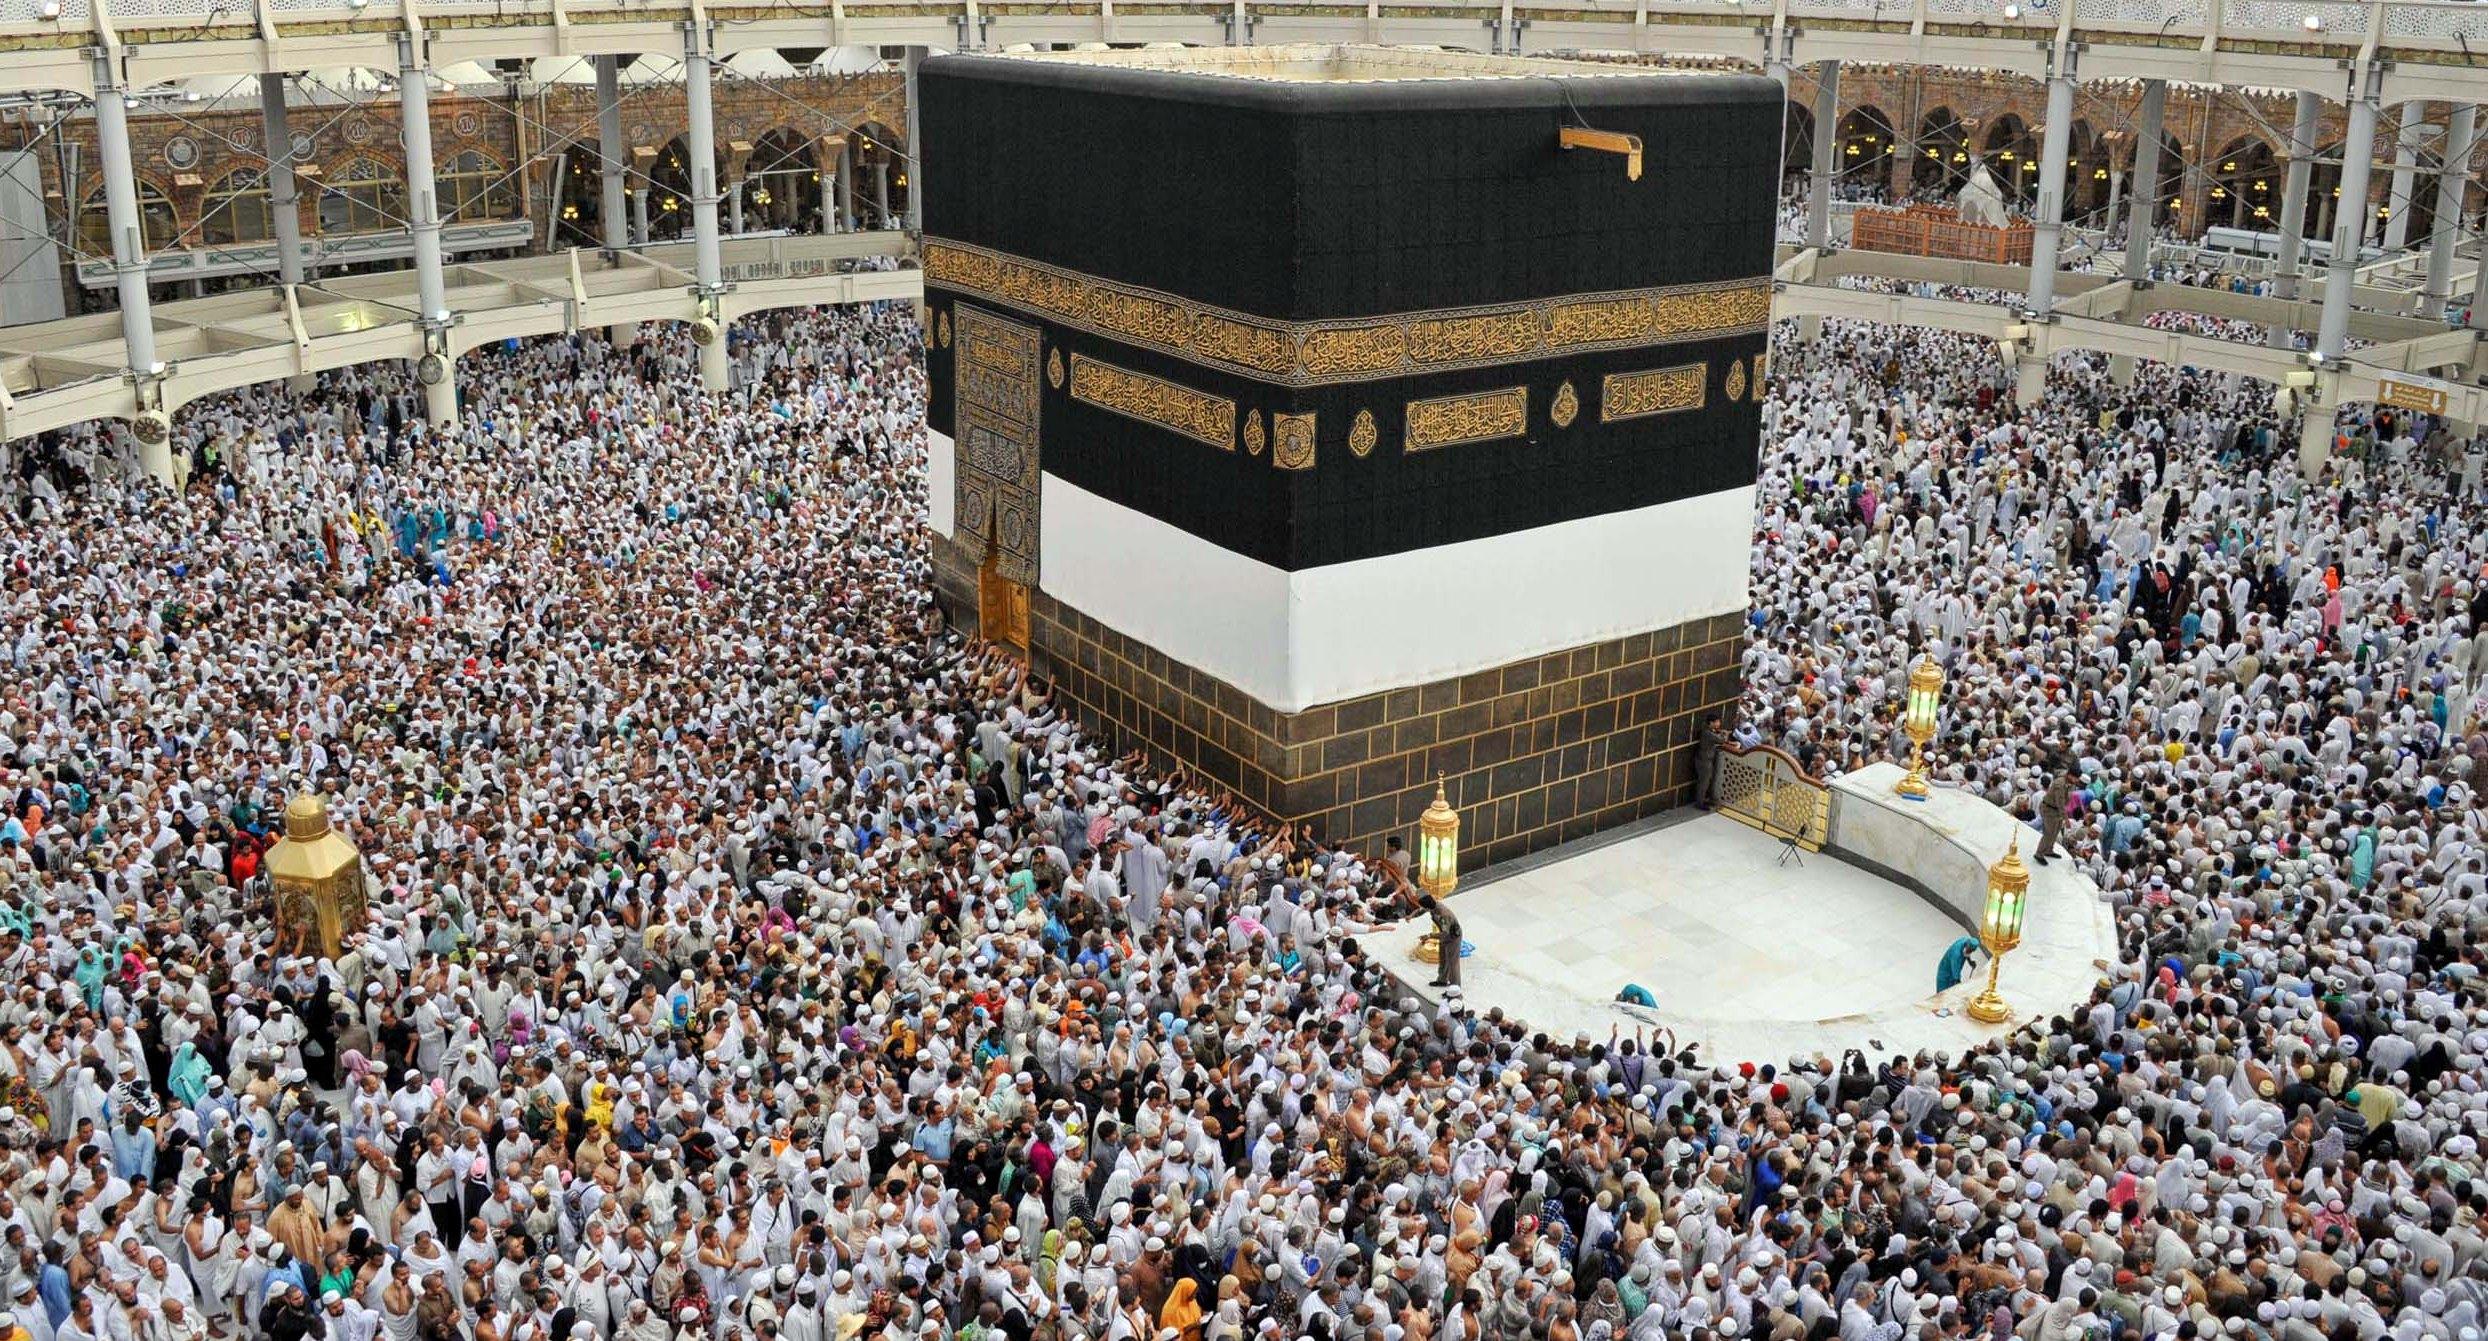 بالصور صور عن الحج , اجمل شعيرة من شعائر الاسلام الحج 899 3